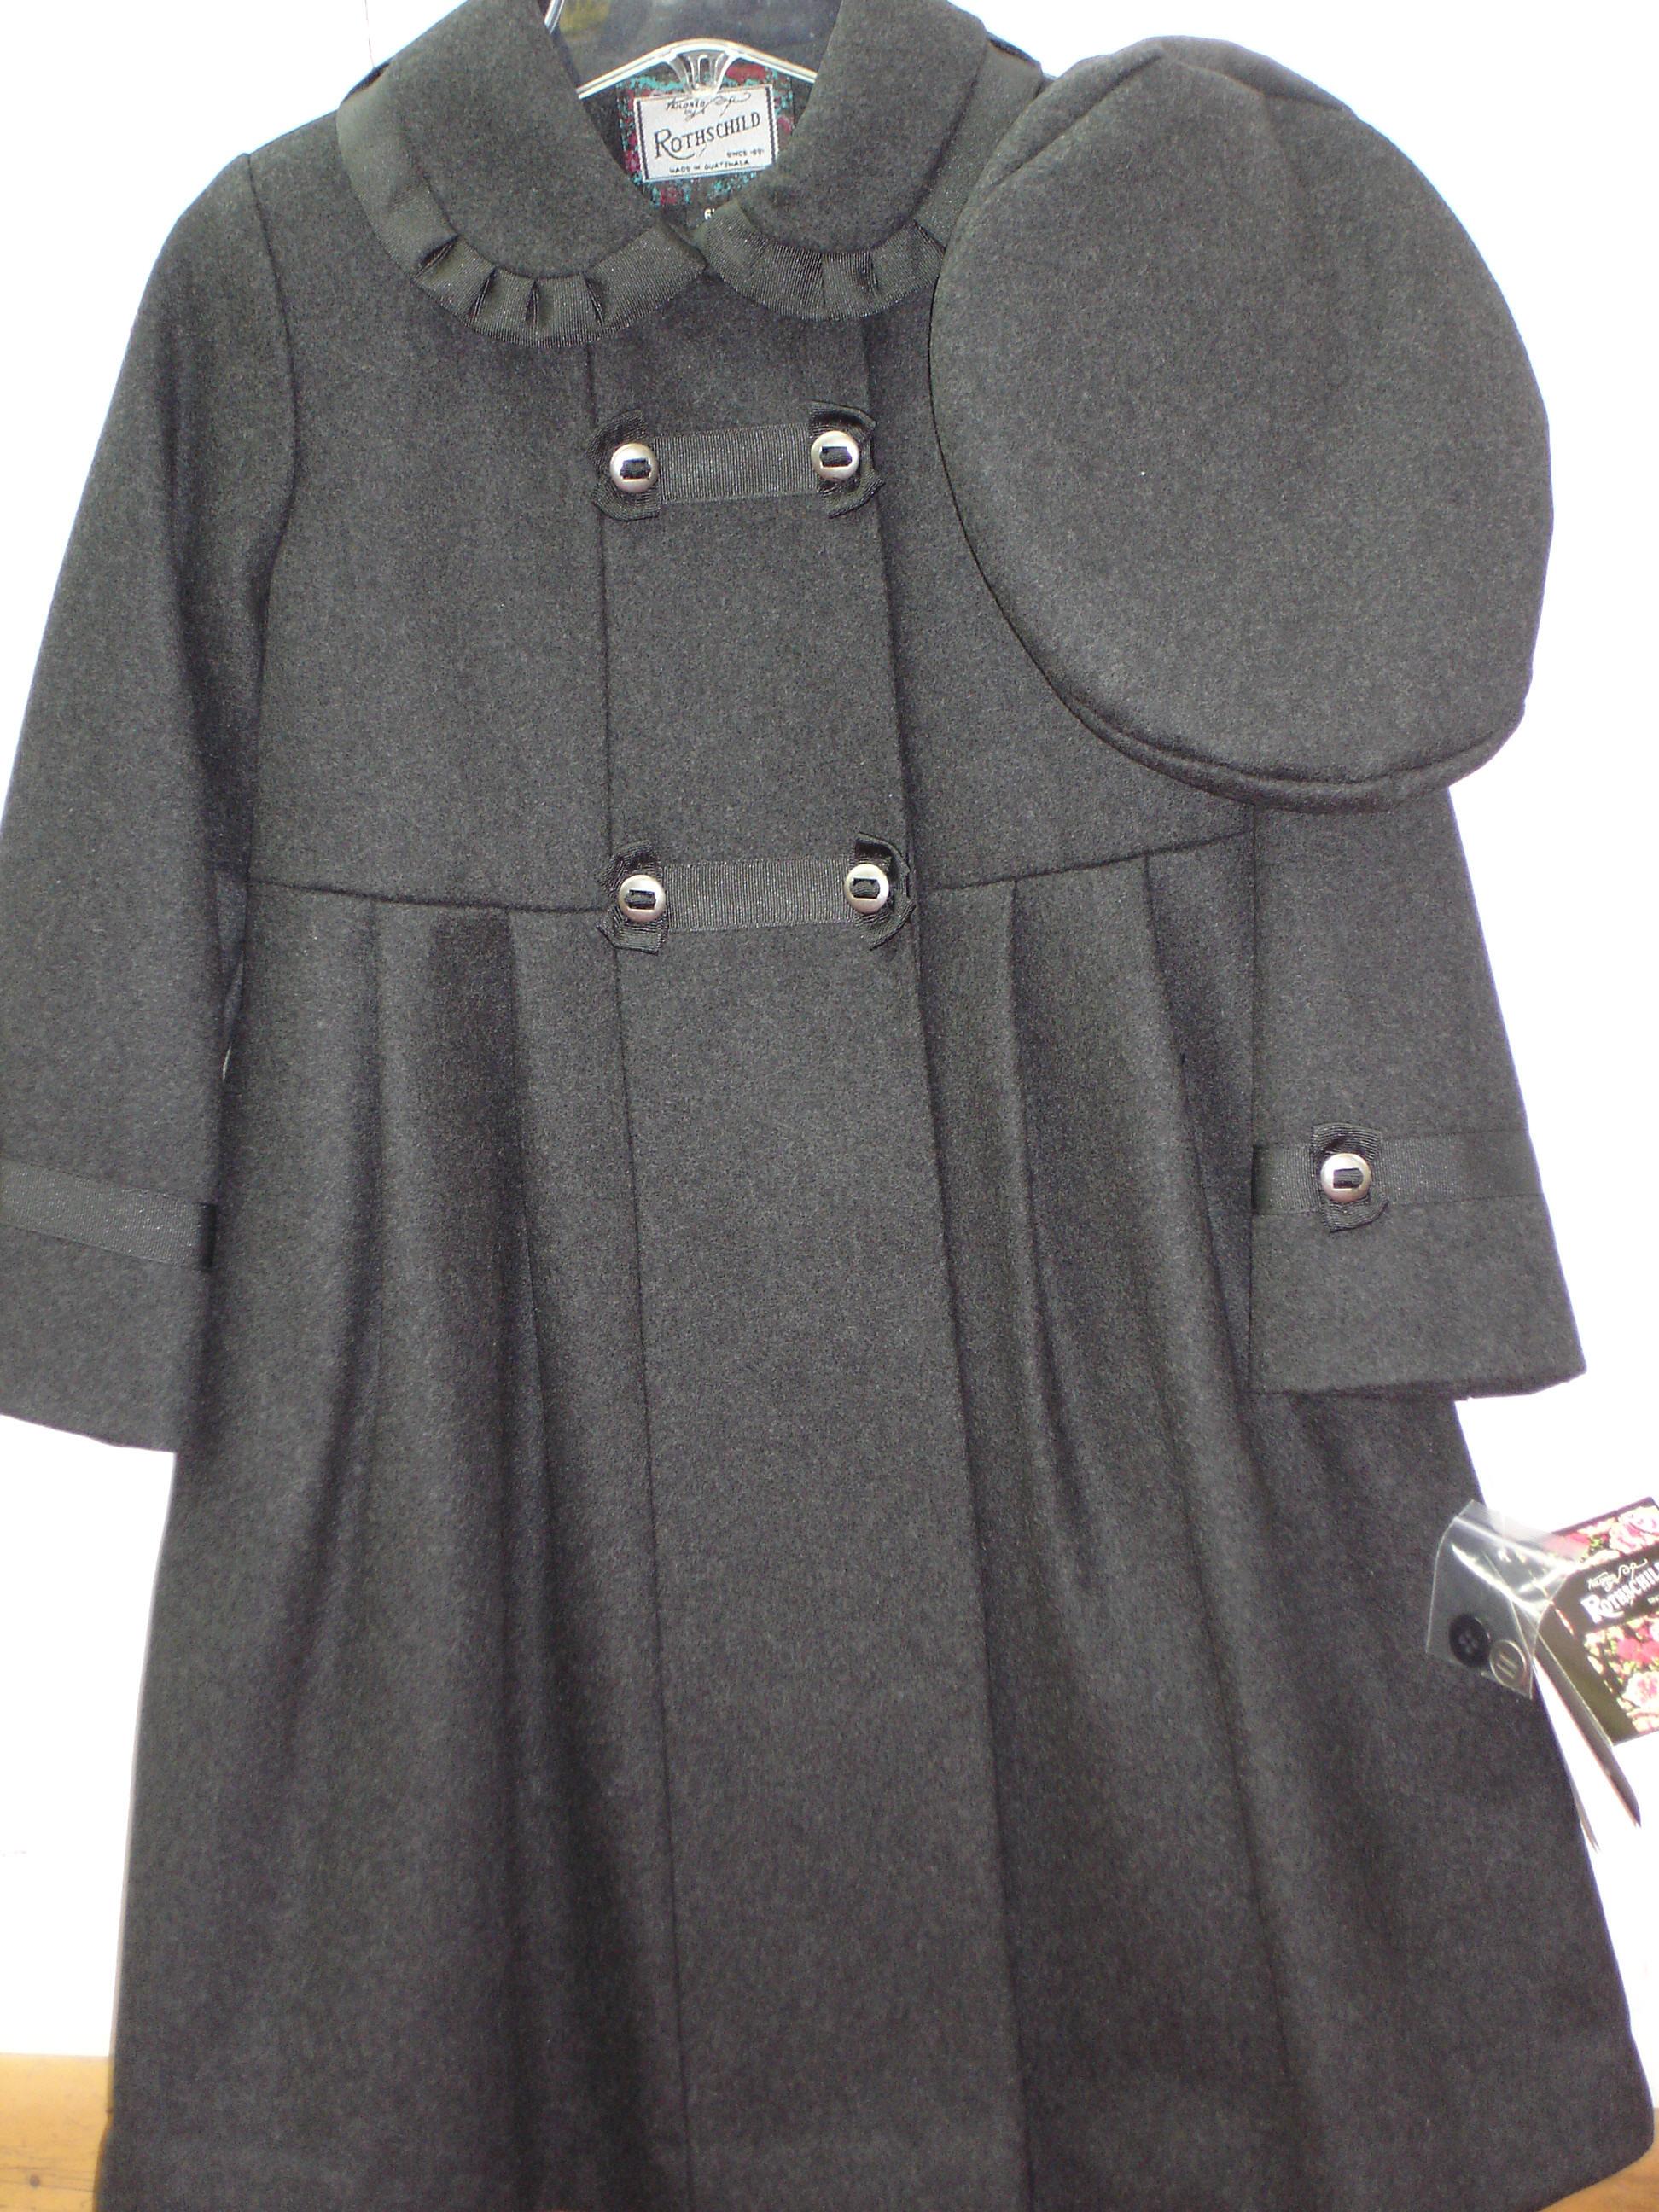 2493a2358643 Rothschild Coats